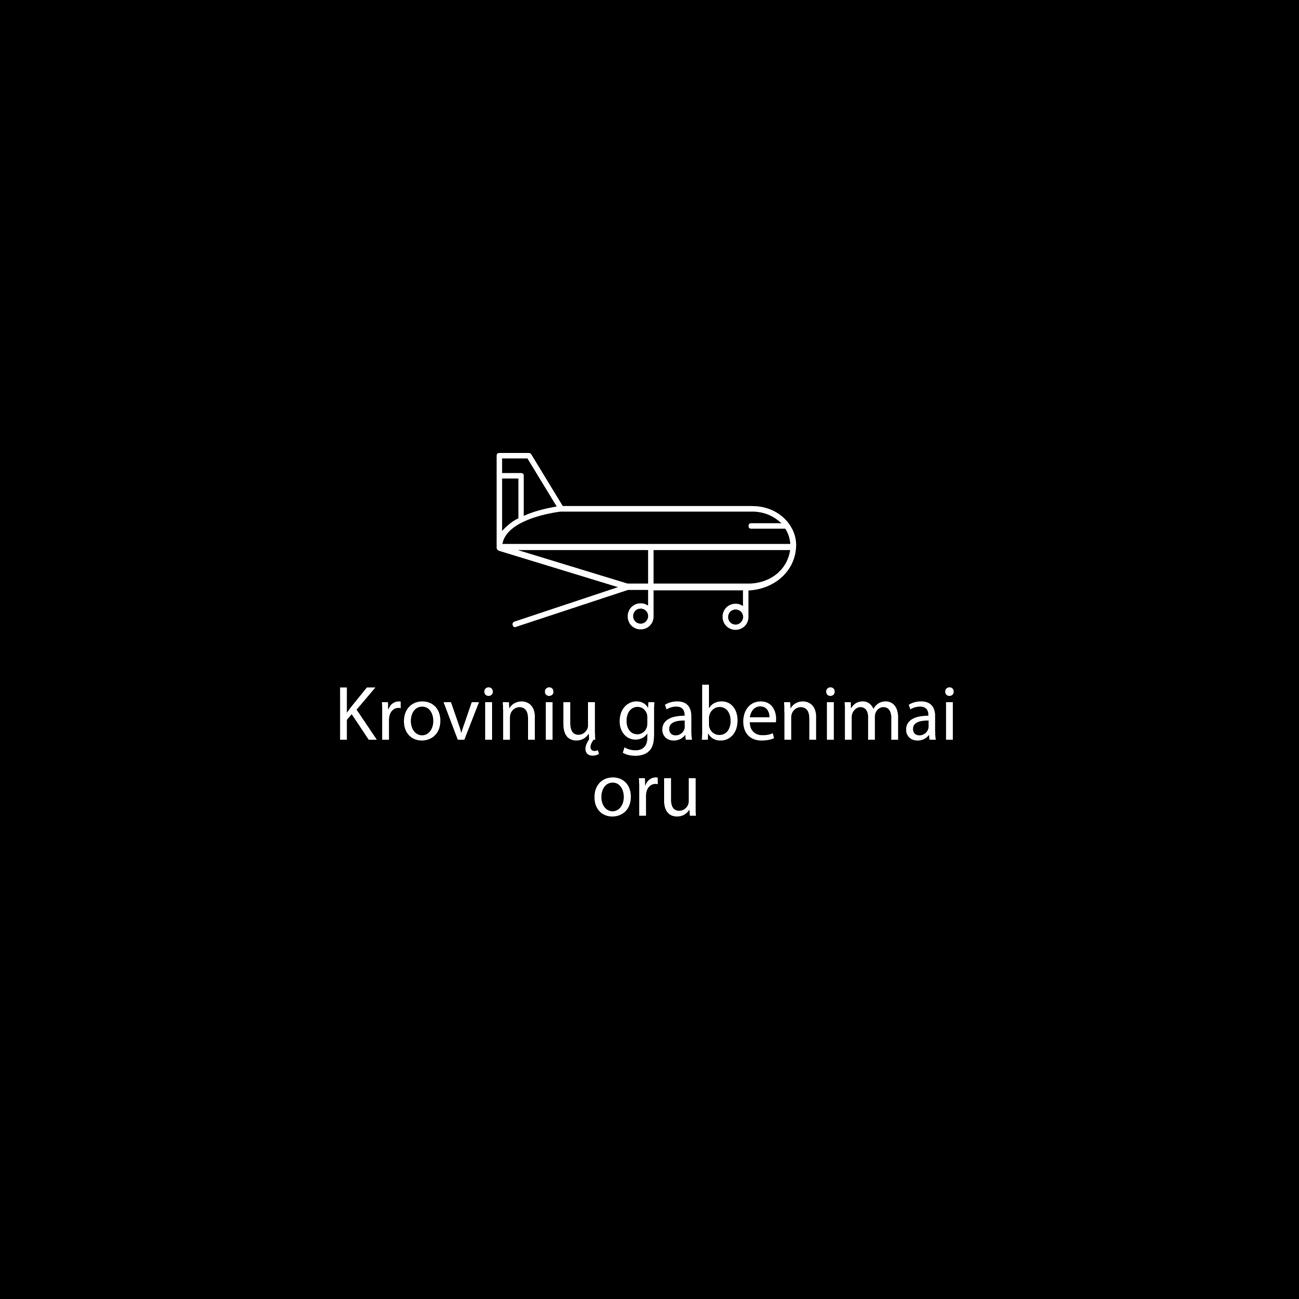 gabenimas-oru-1